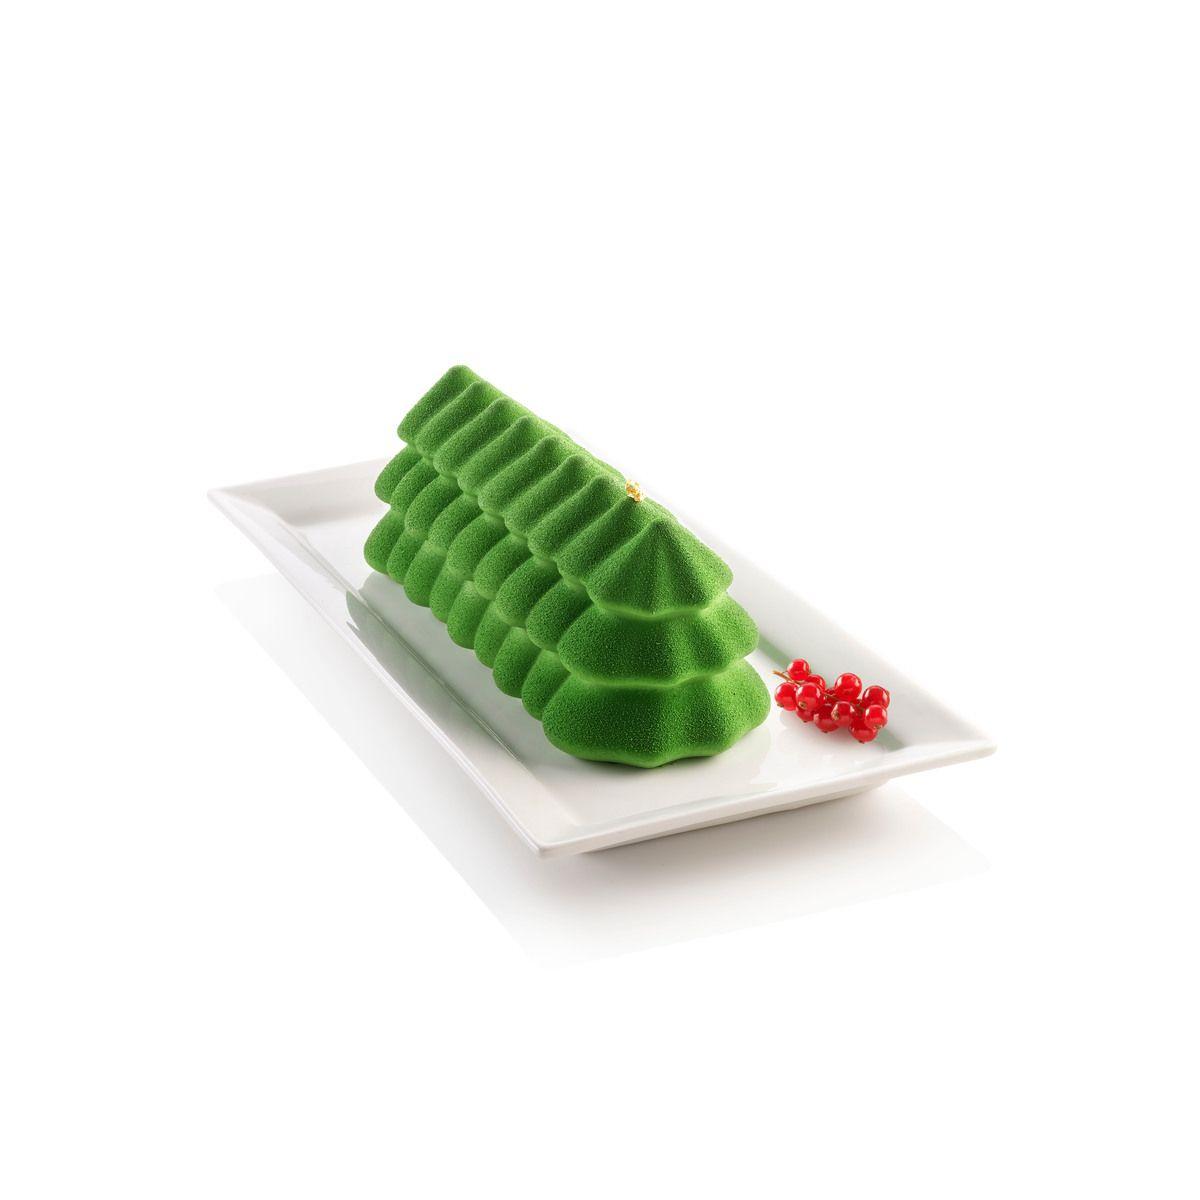 Moule en silicone bûche Sapin 25 cm - Silikomart